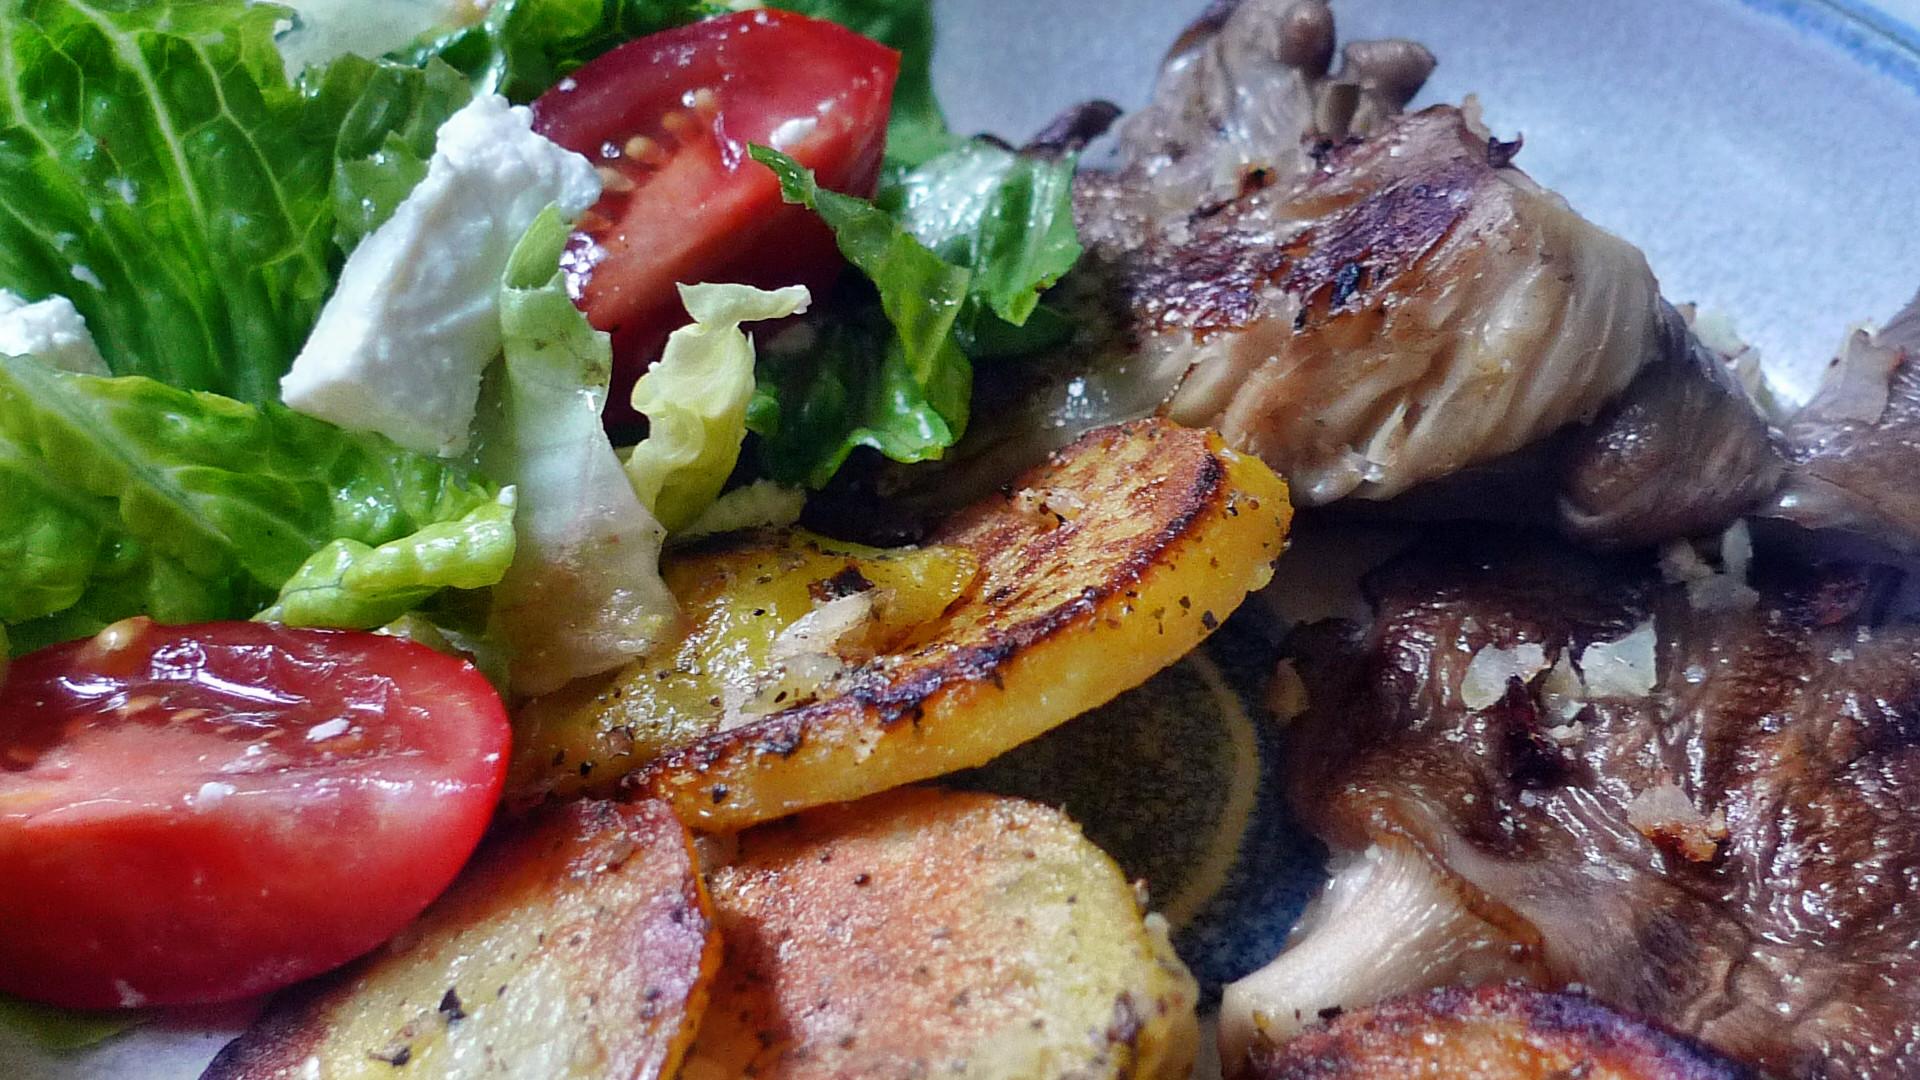 Shitakepilze, Bratkartoffel,Salat -28.4 (10)